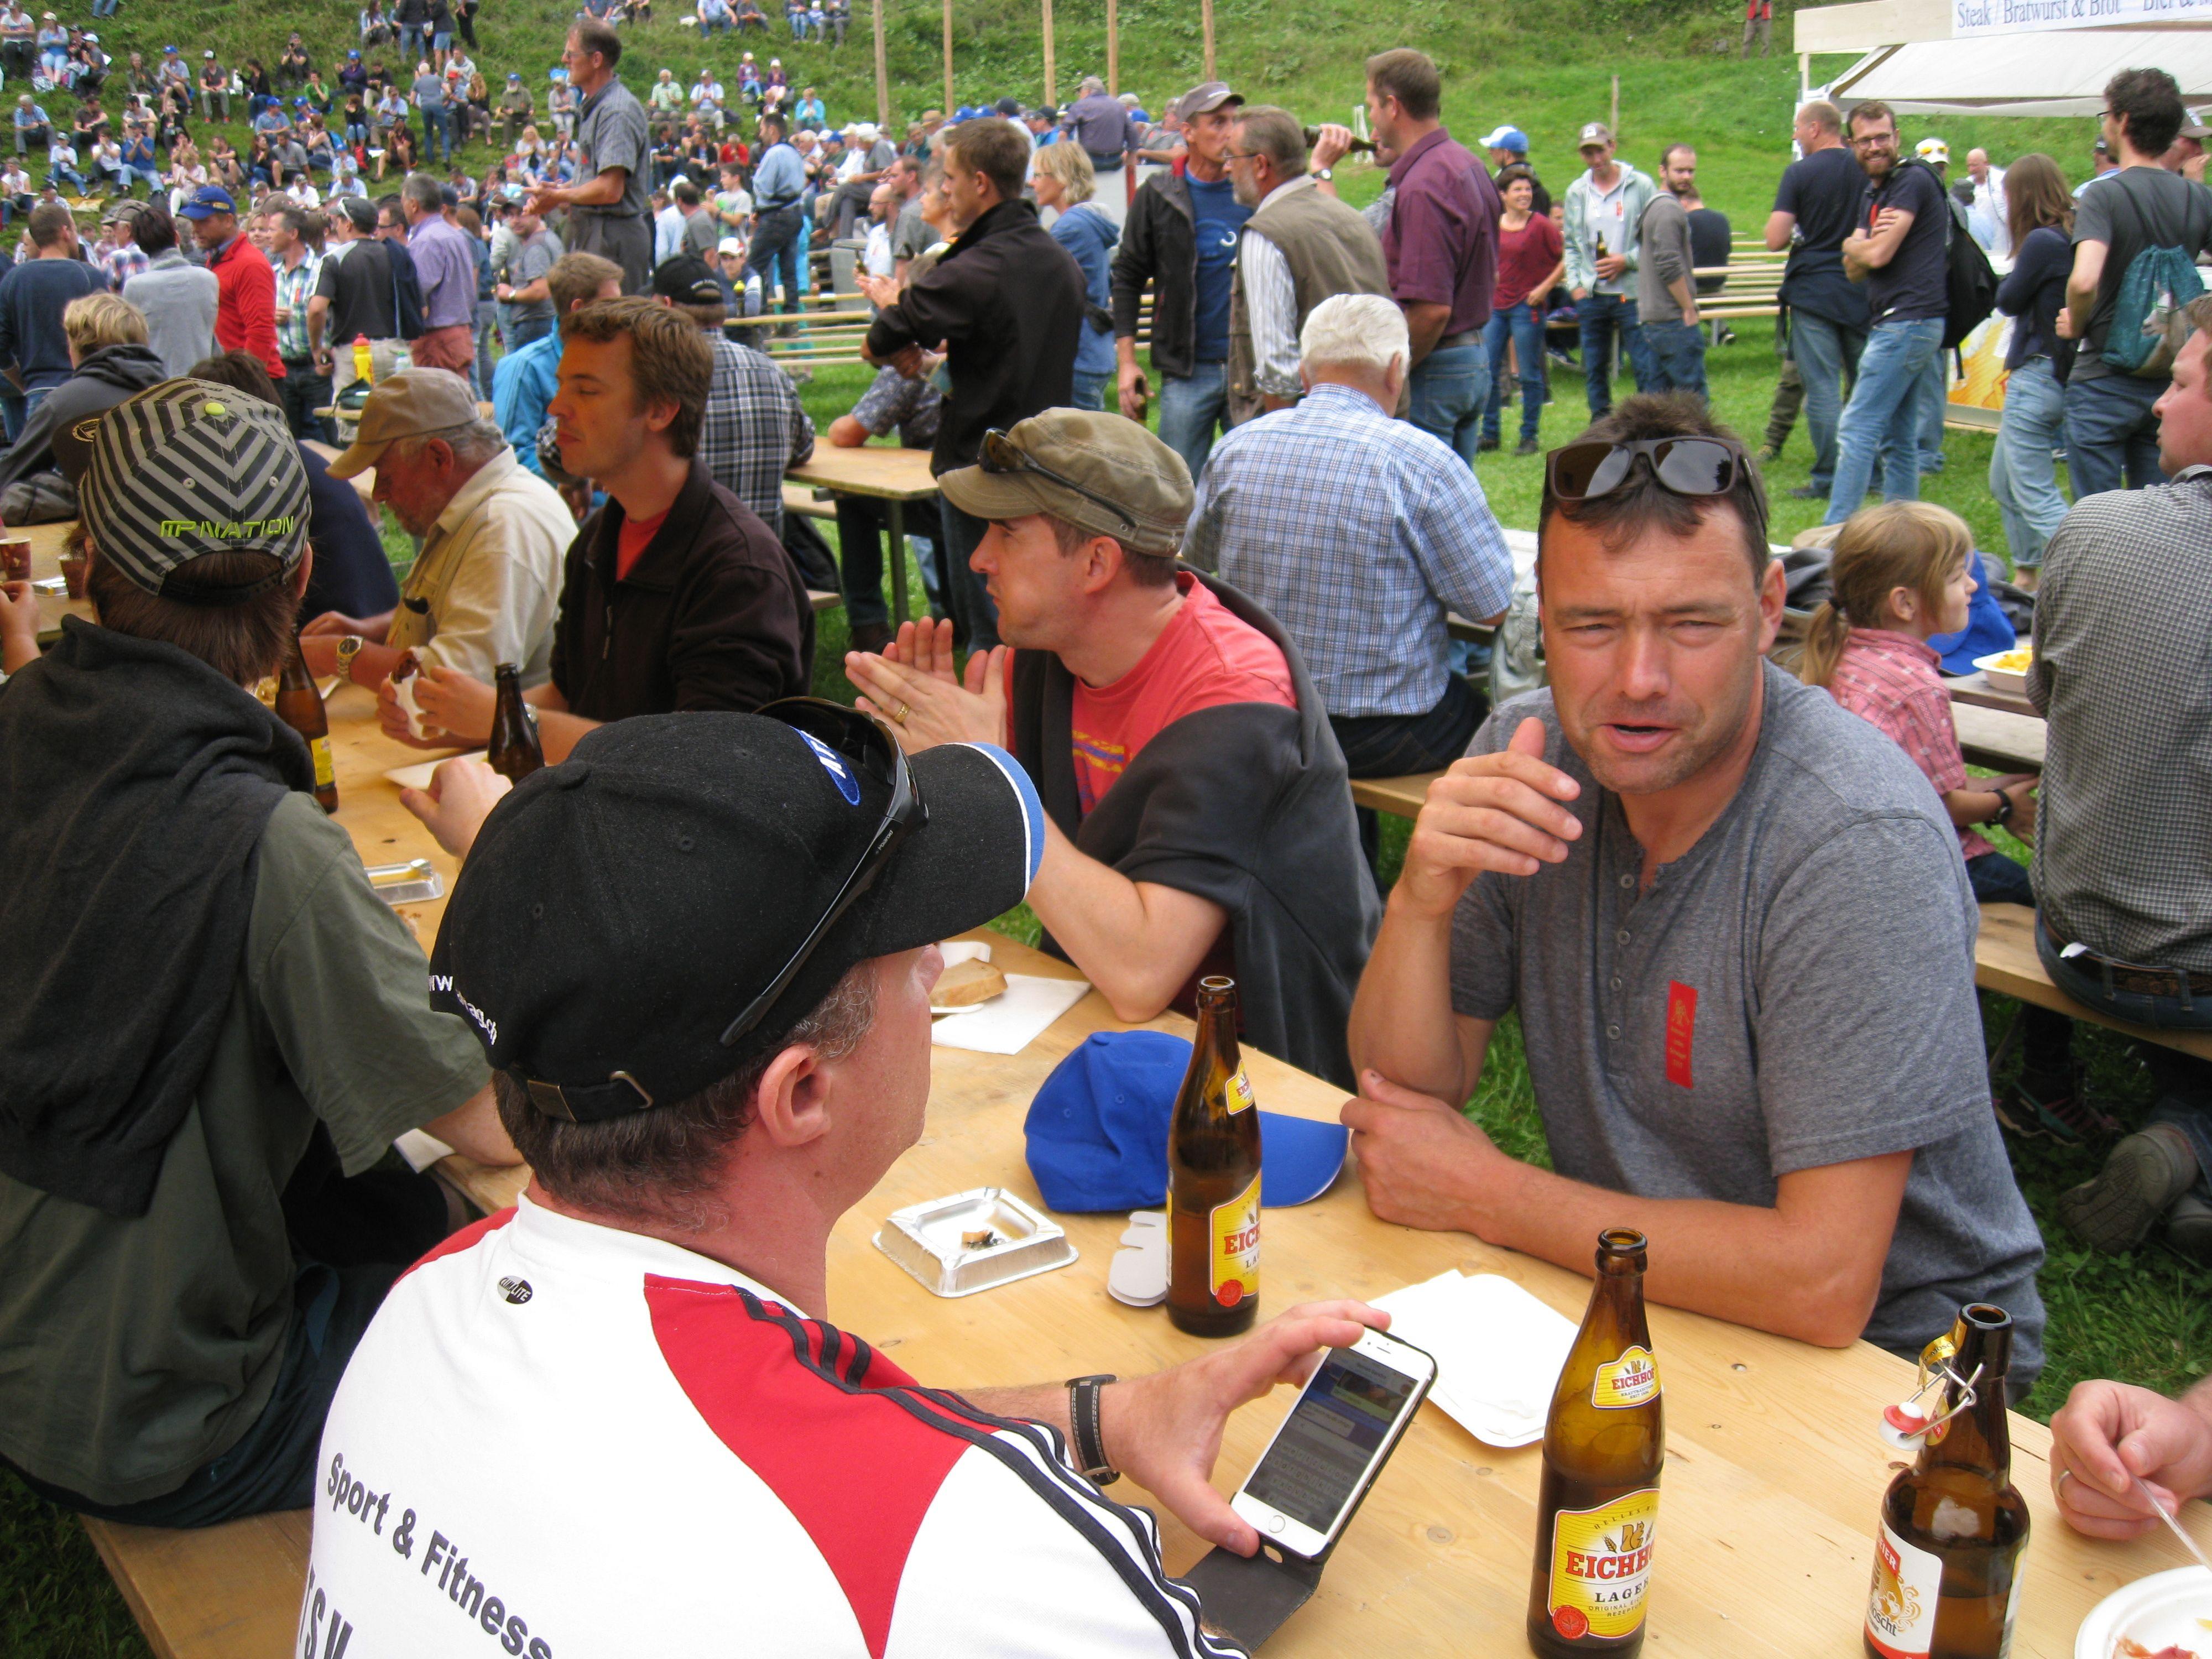 2016-09-04-Entlebuch-191-IMG_5178